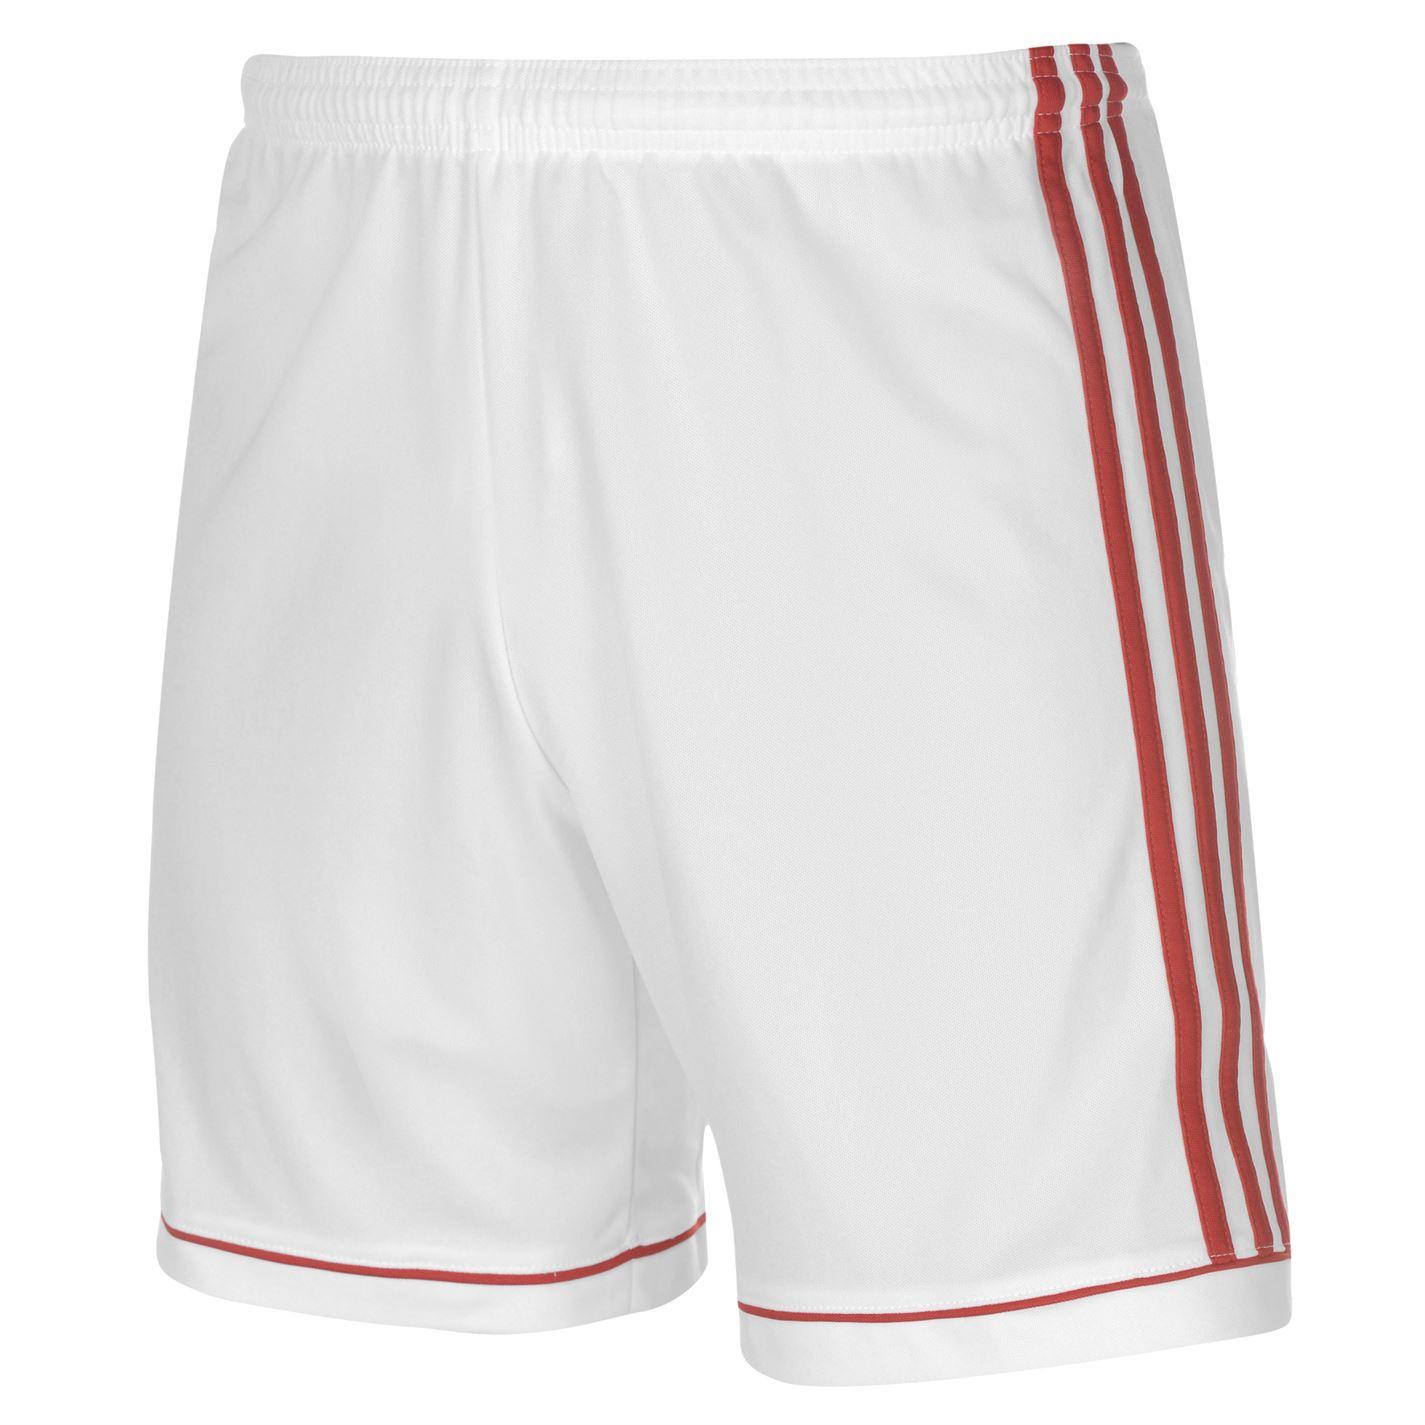 ... kraťasy Adidas Squadra 17 Shorts Mens. -14%. Pánske ... 25ab6381f4